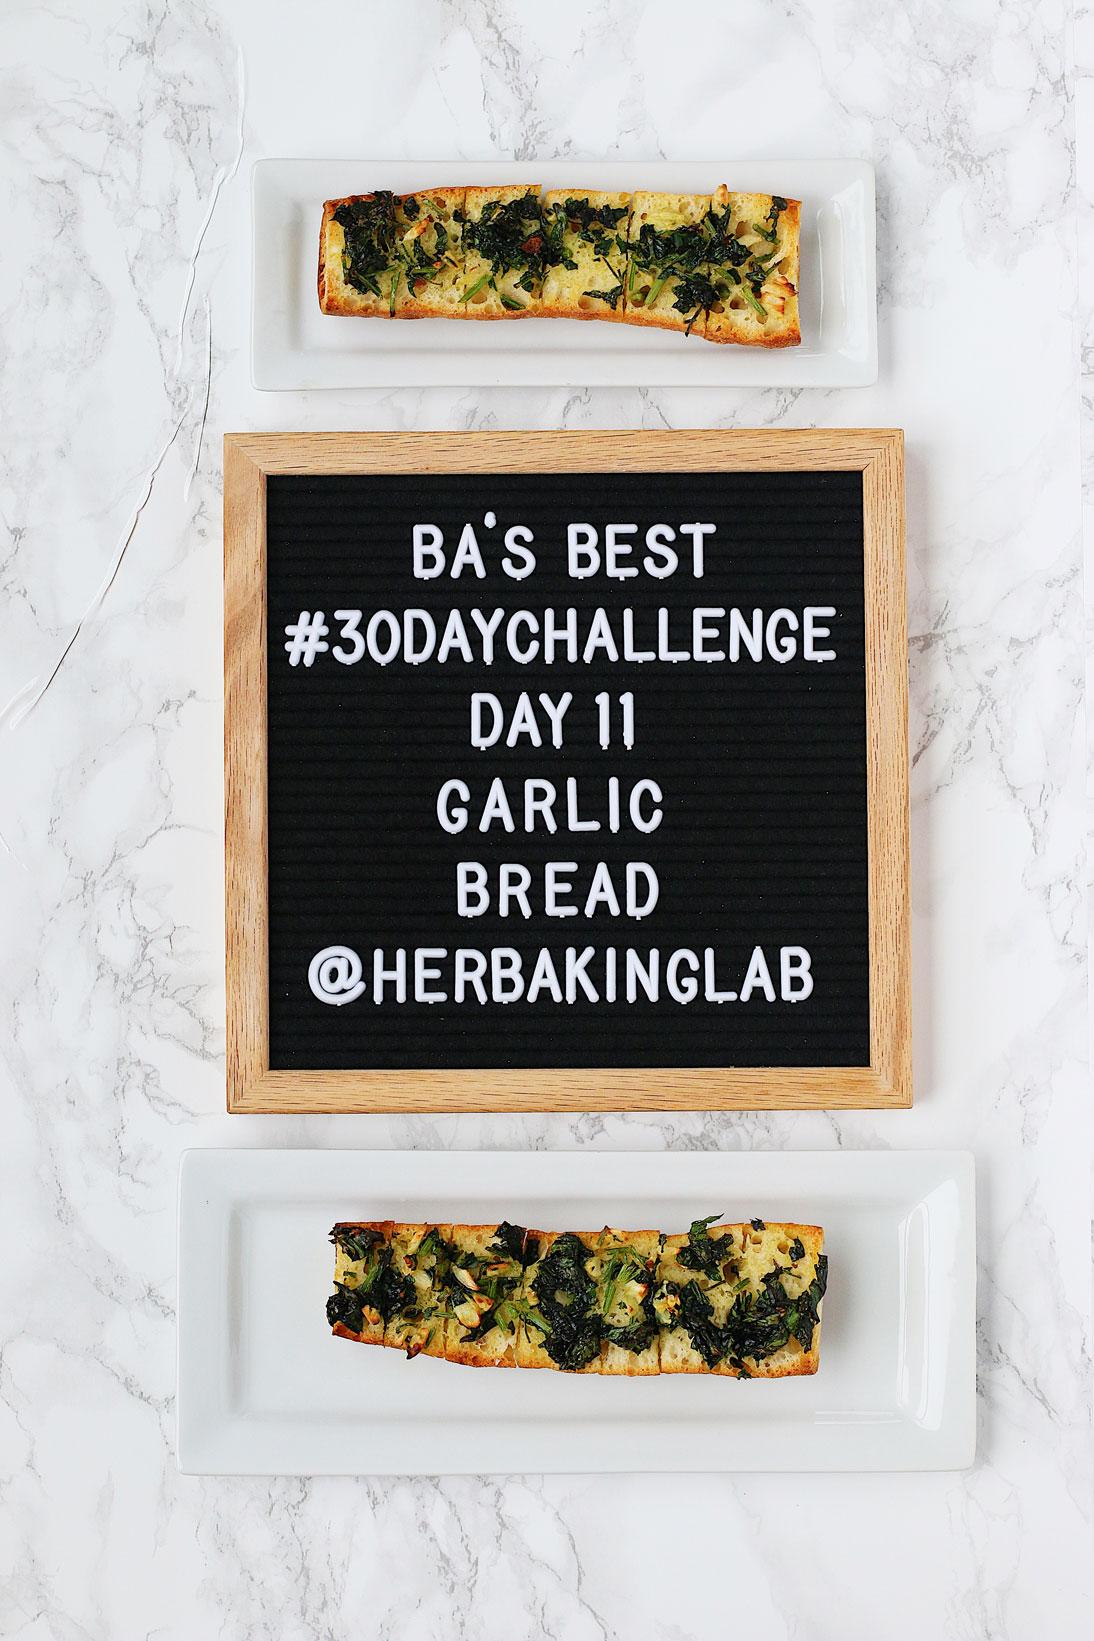 #ba30daychallenge-bon-appetit-best-recipes-day-11-garlic-bread